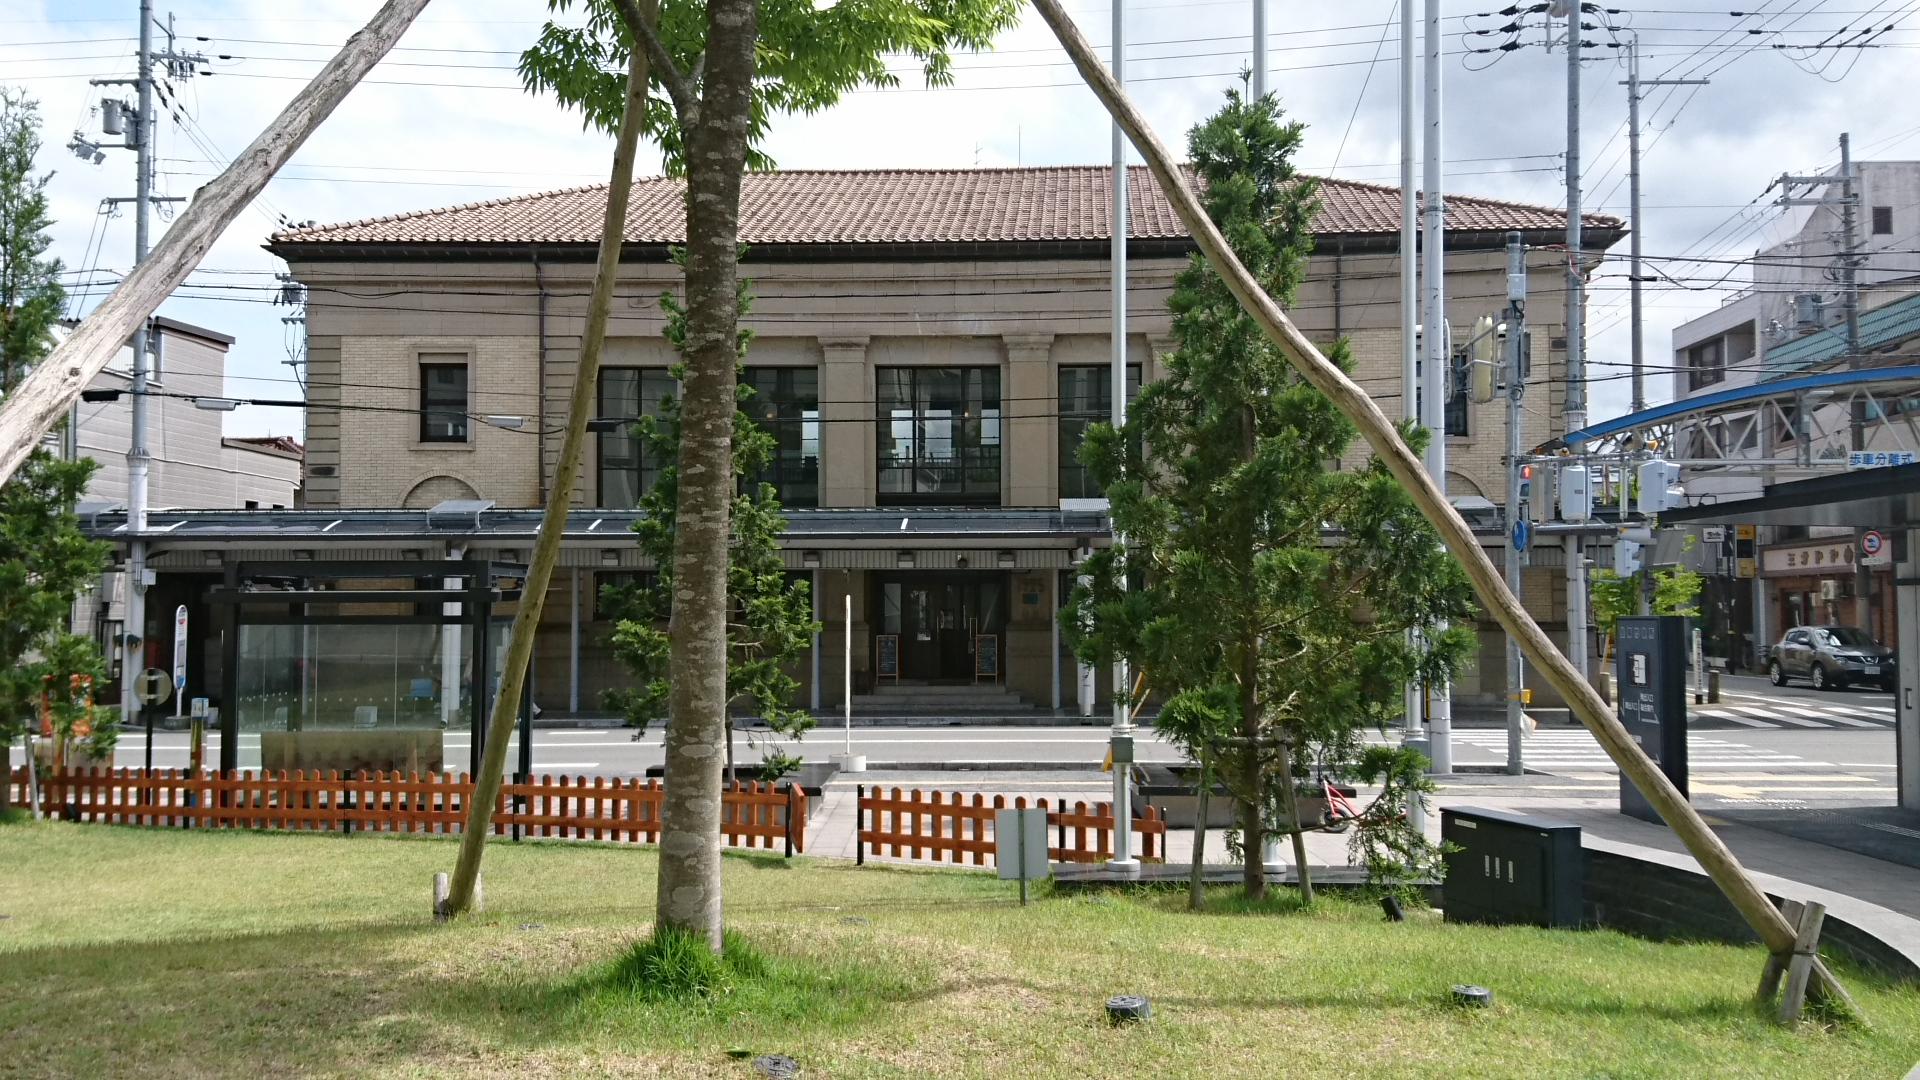 2017.6.3 豊岡 (88) 豊岡1925 1920-1080